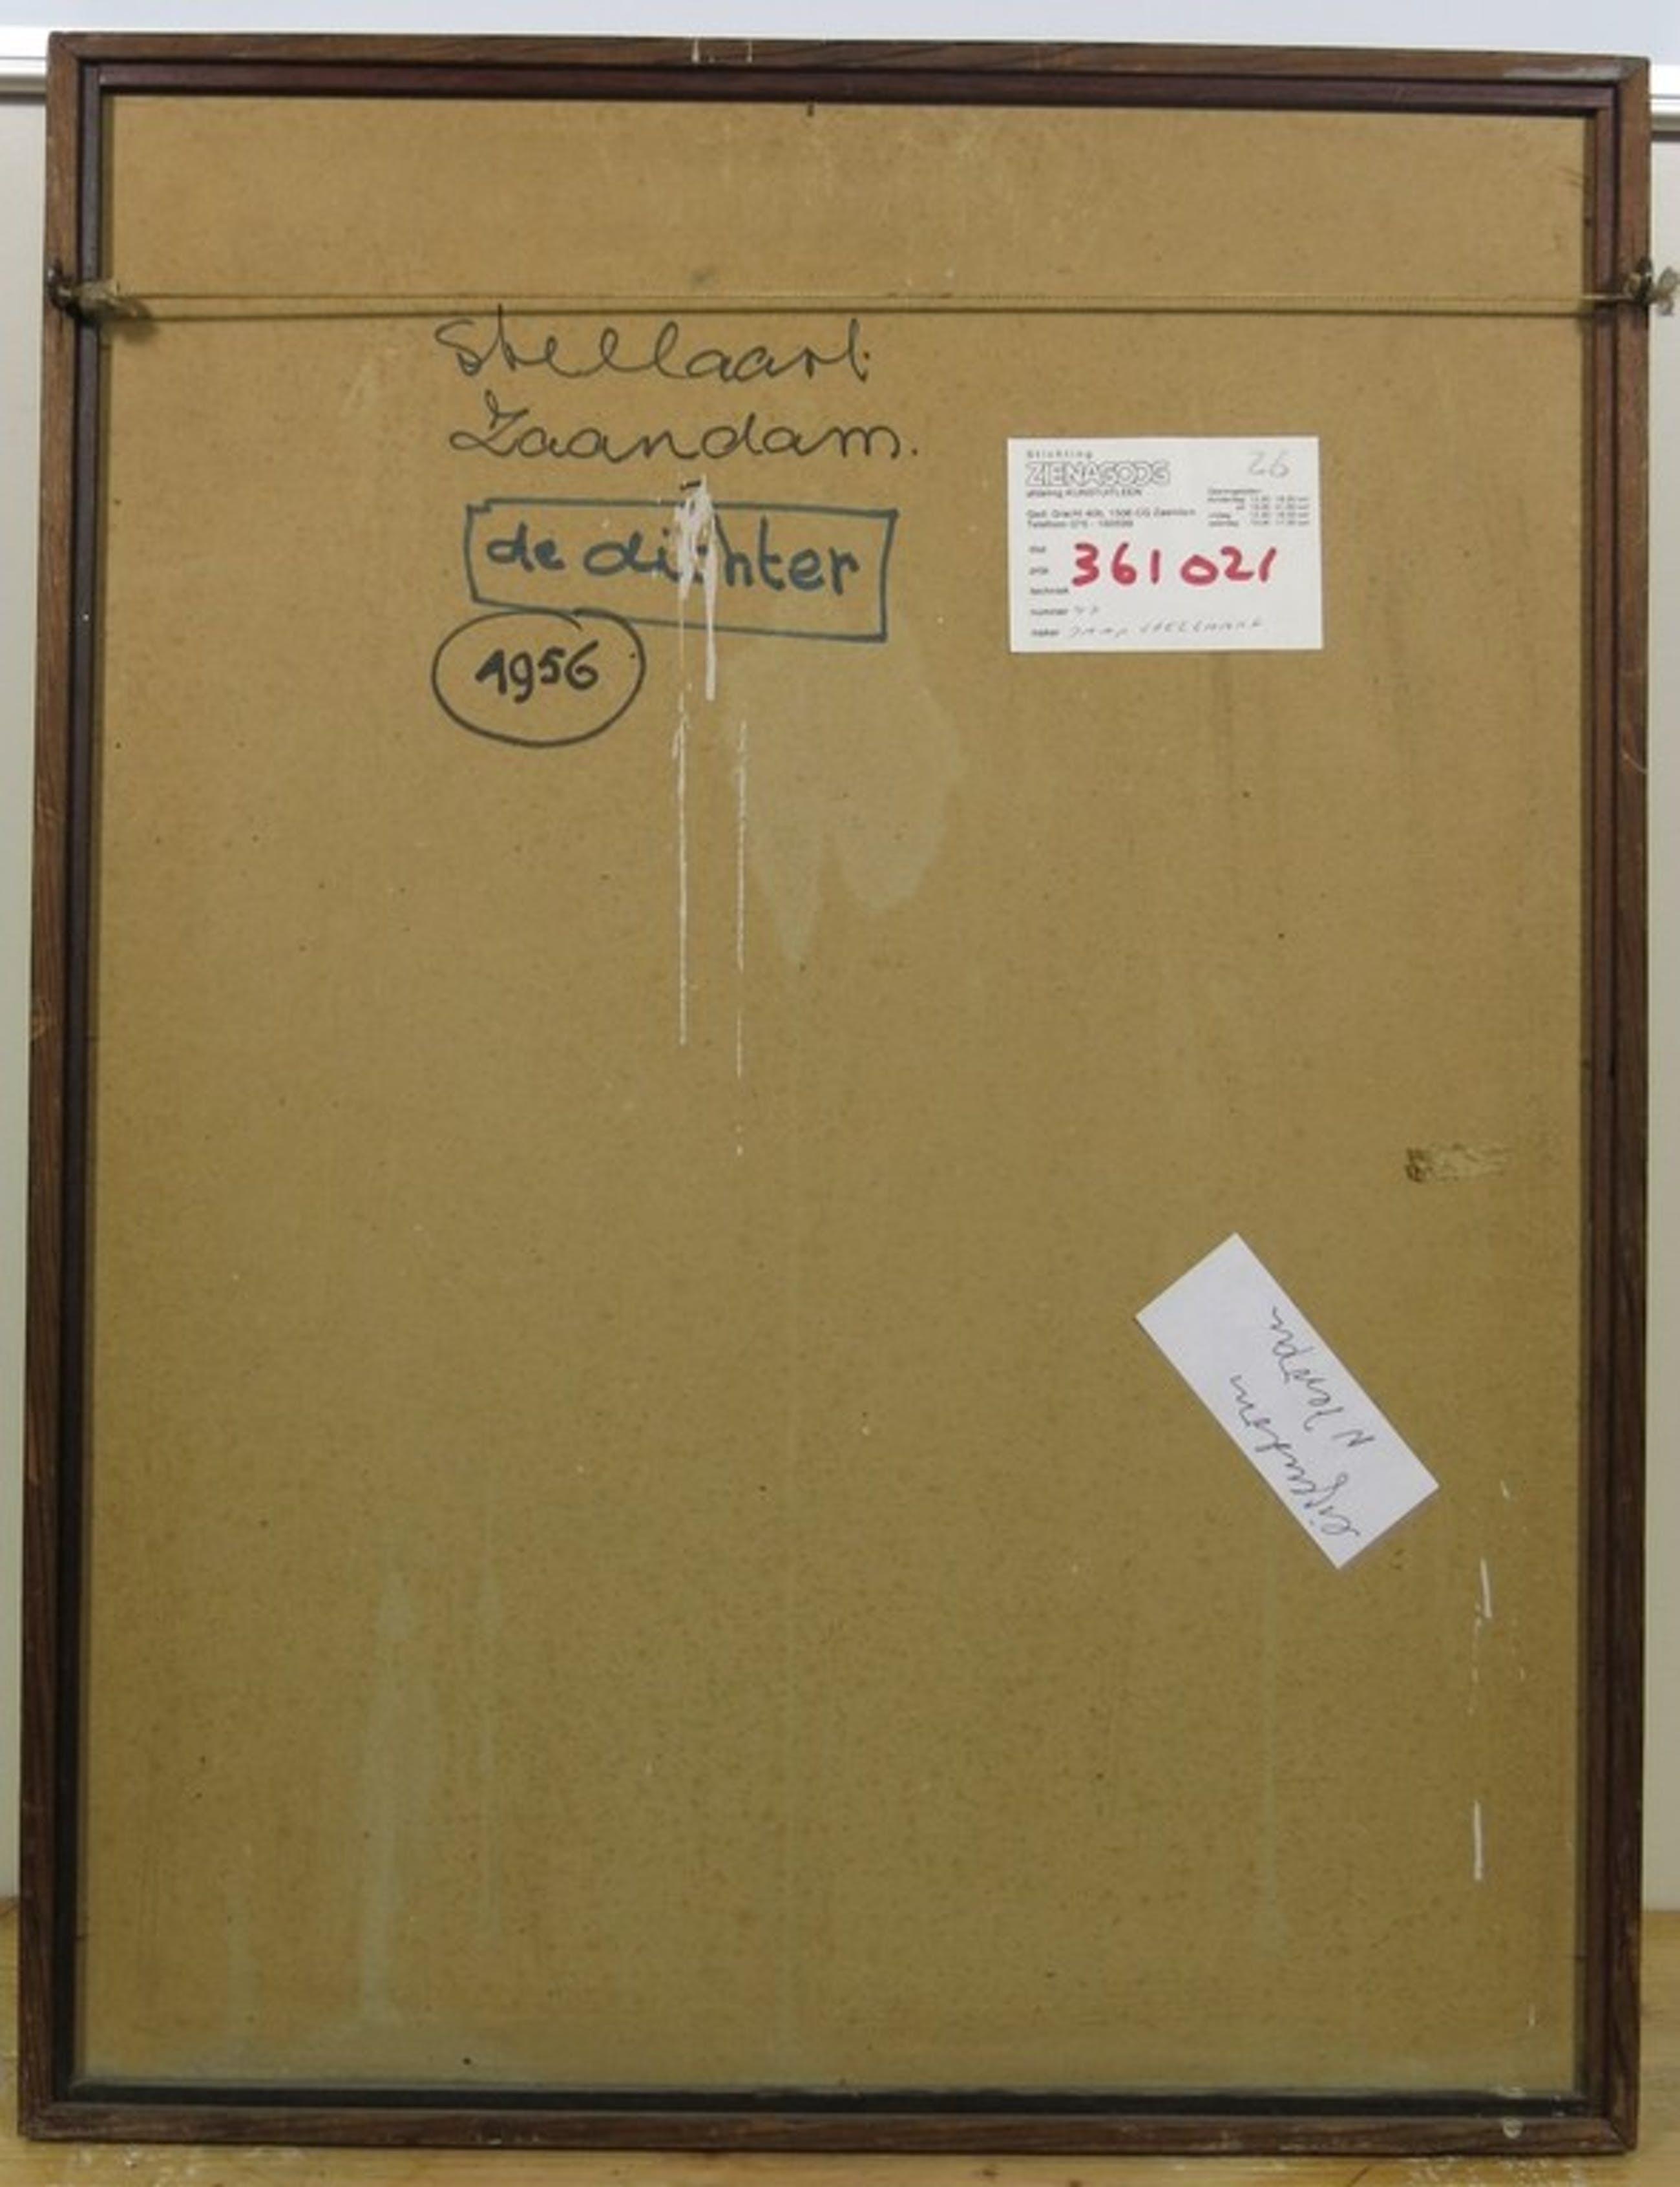 Jaap Stellaart: Olieverf op board, De Dichter - Ingelijst kopen? Bied vanaf 135!